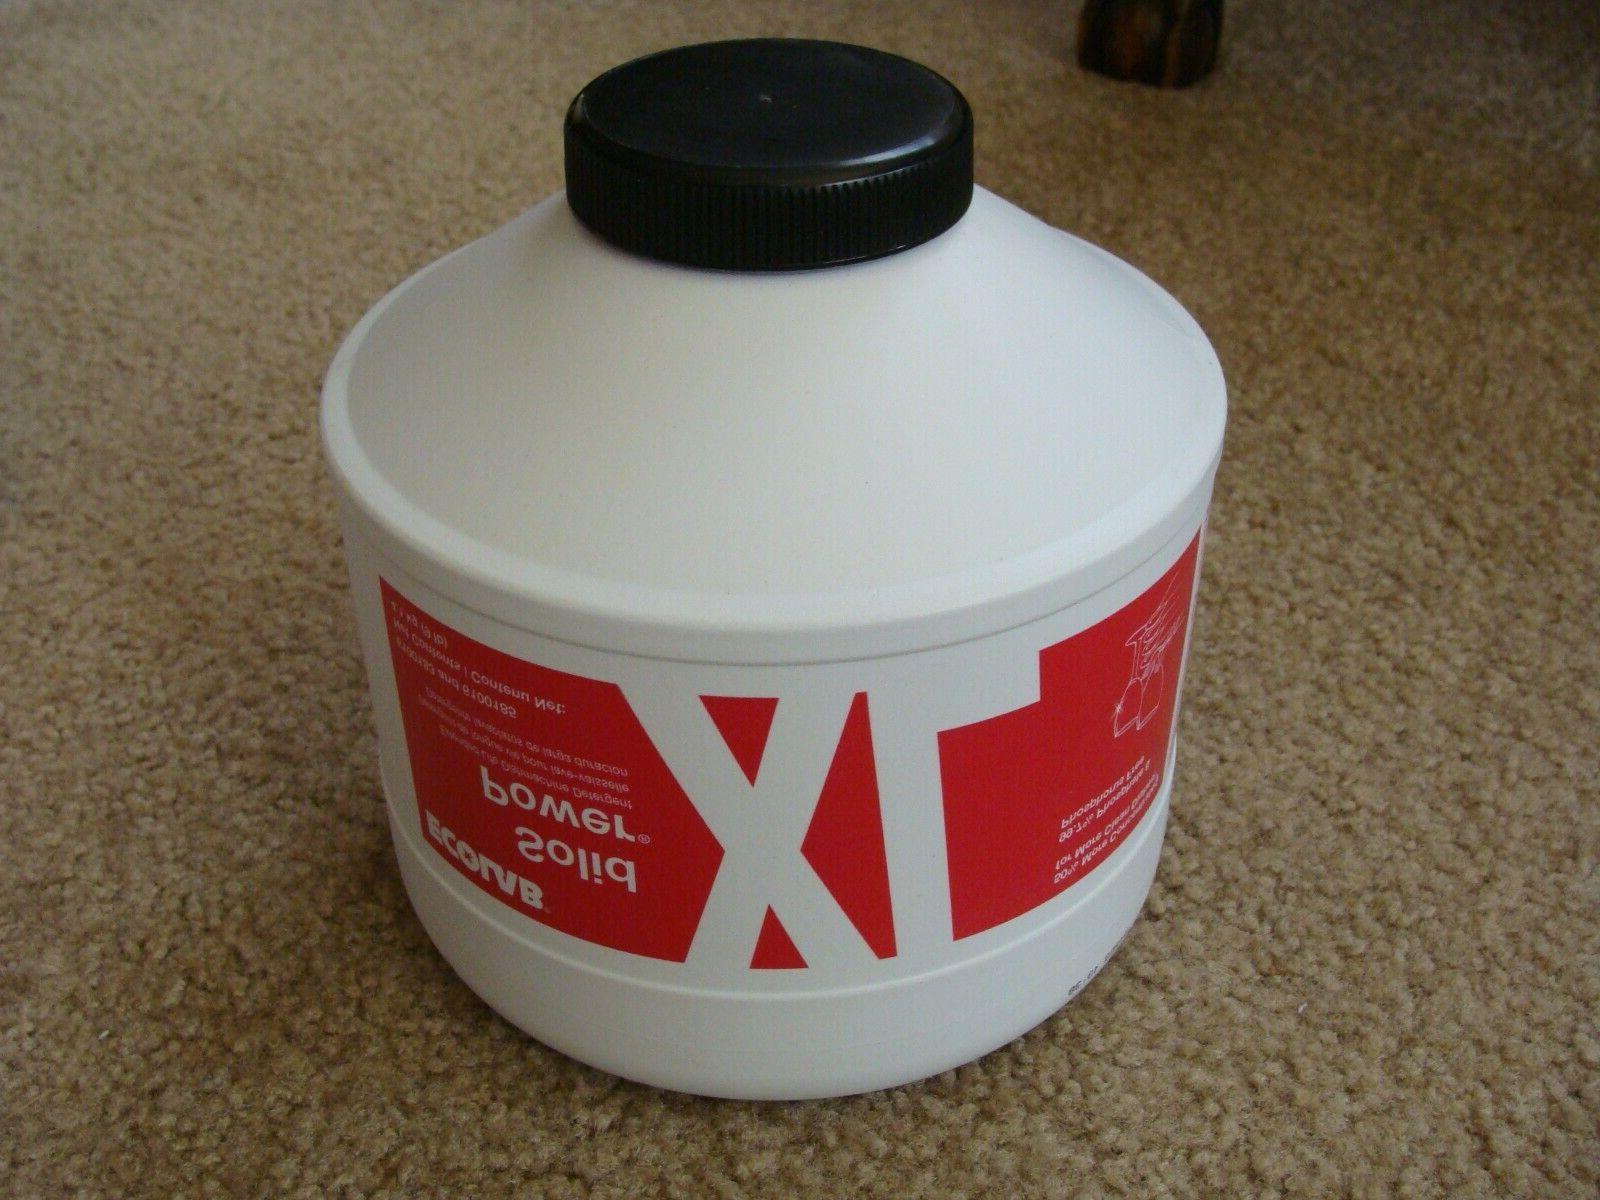 ONE XL Dishmachine Detergent